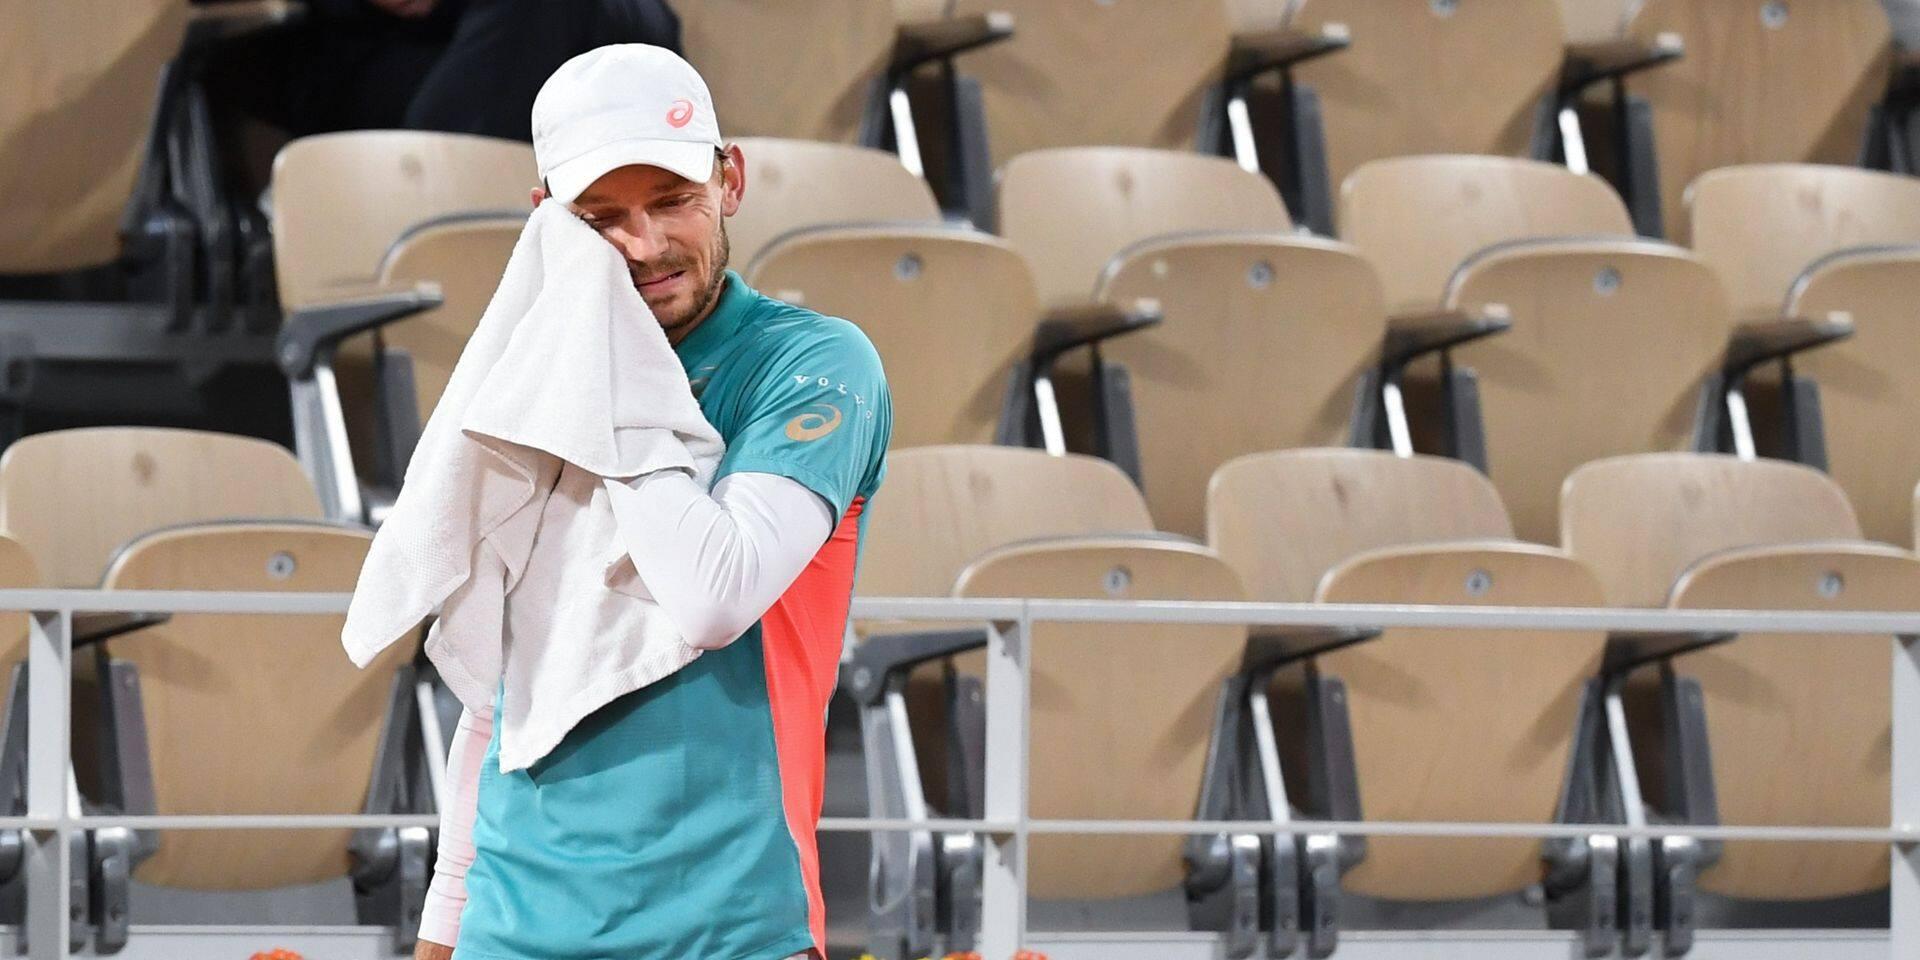 Chute libre pour David Goffin au classement ATP, Swiatek intègre le top 20